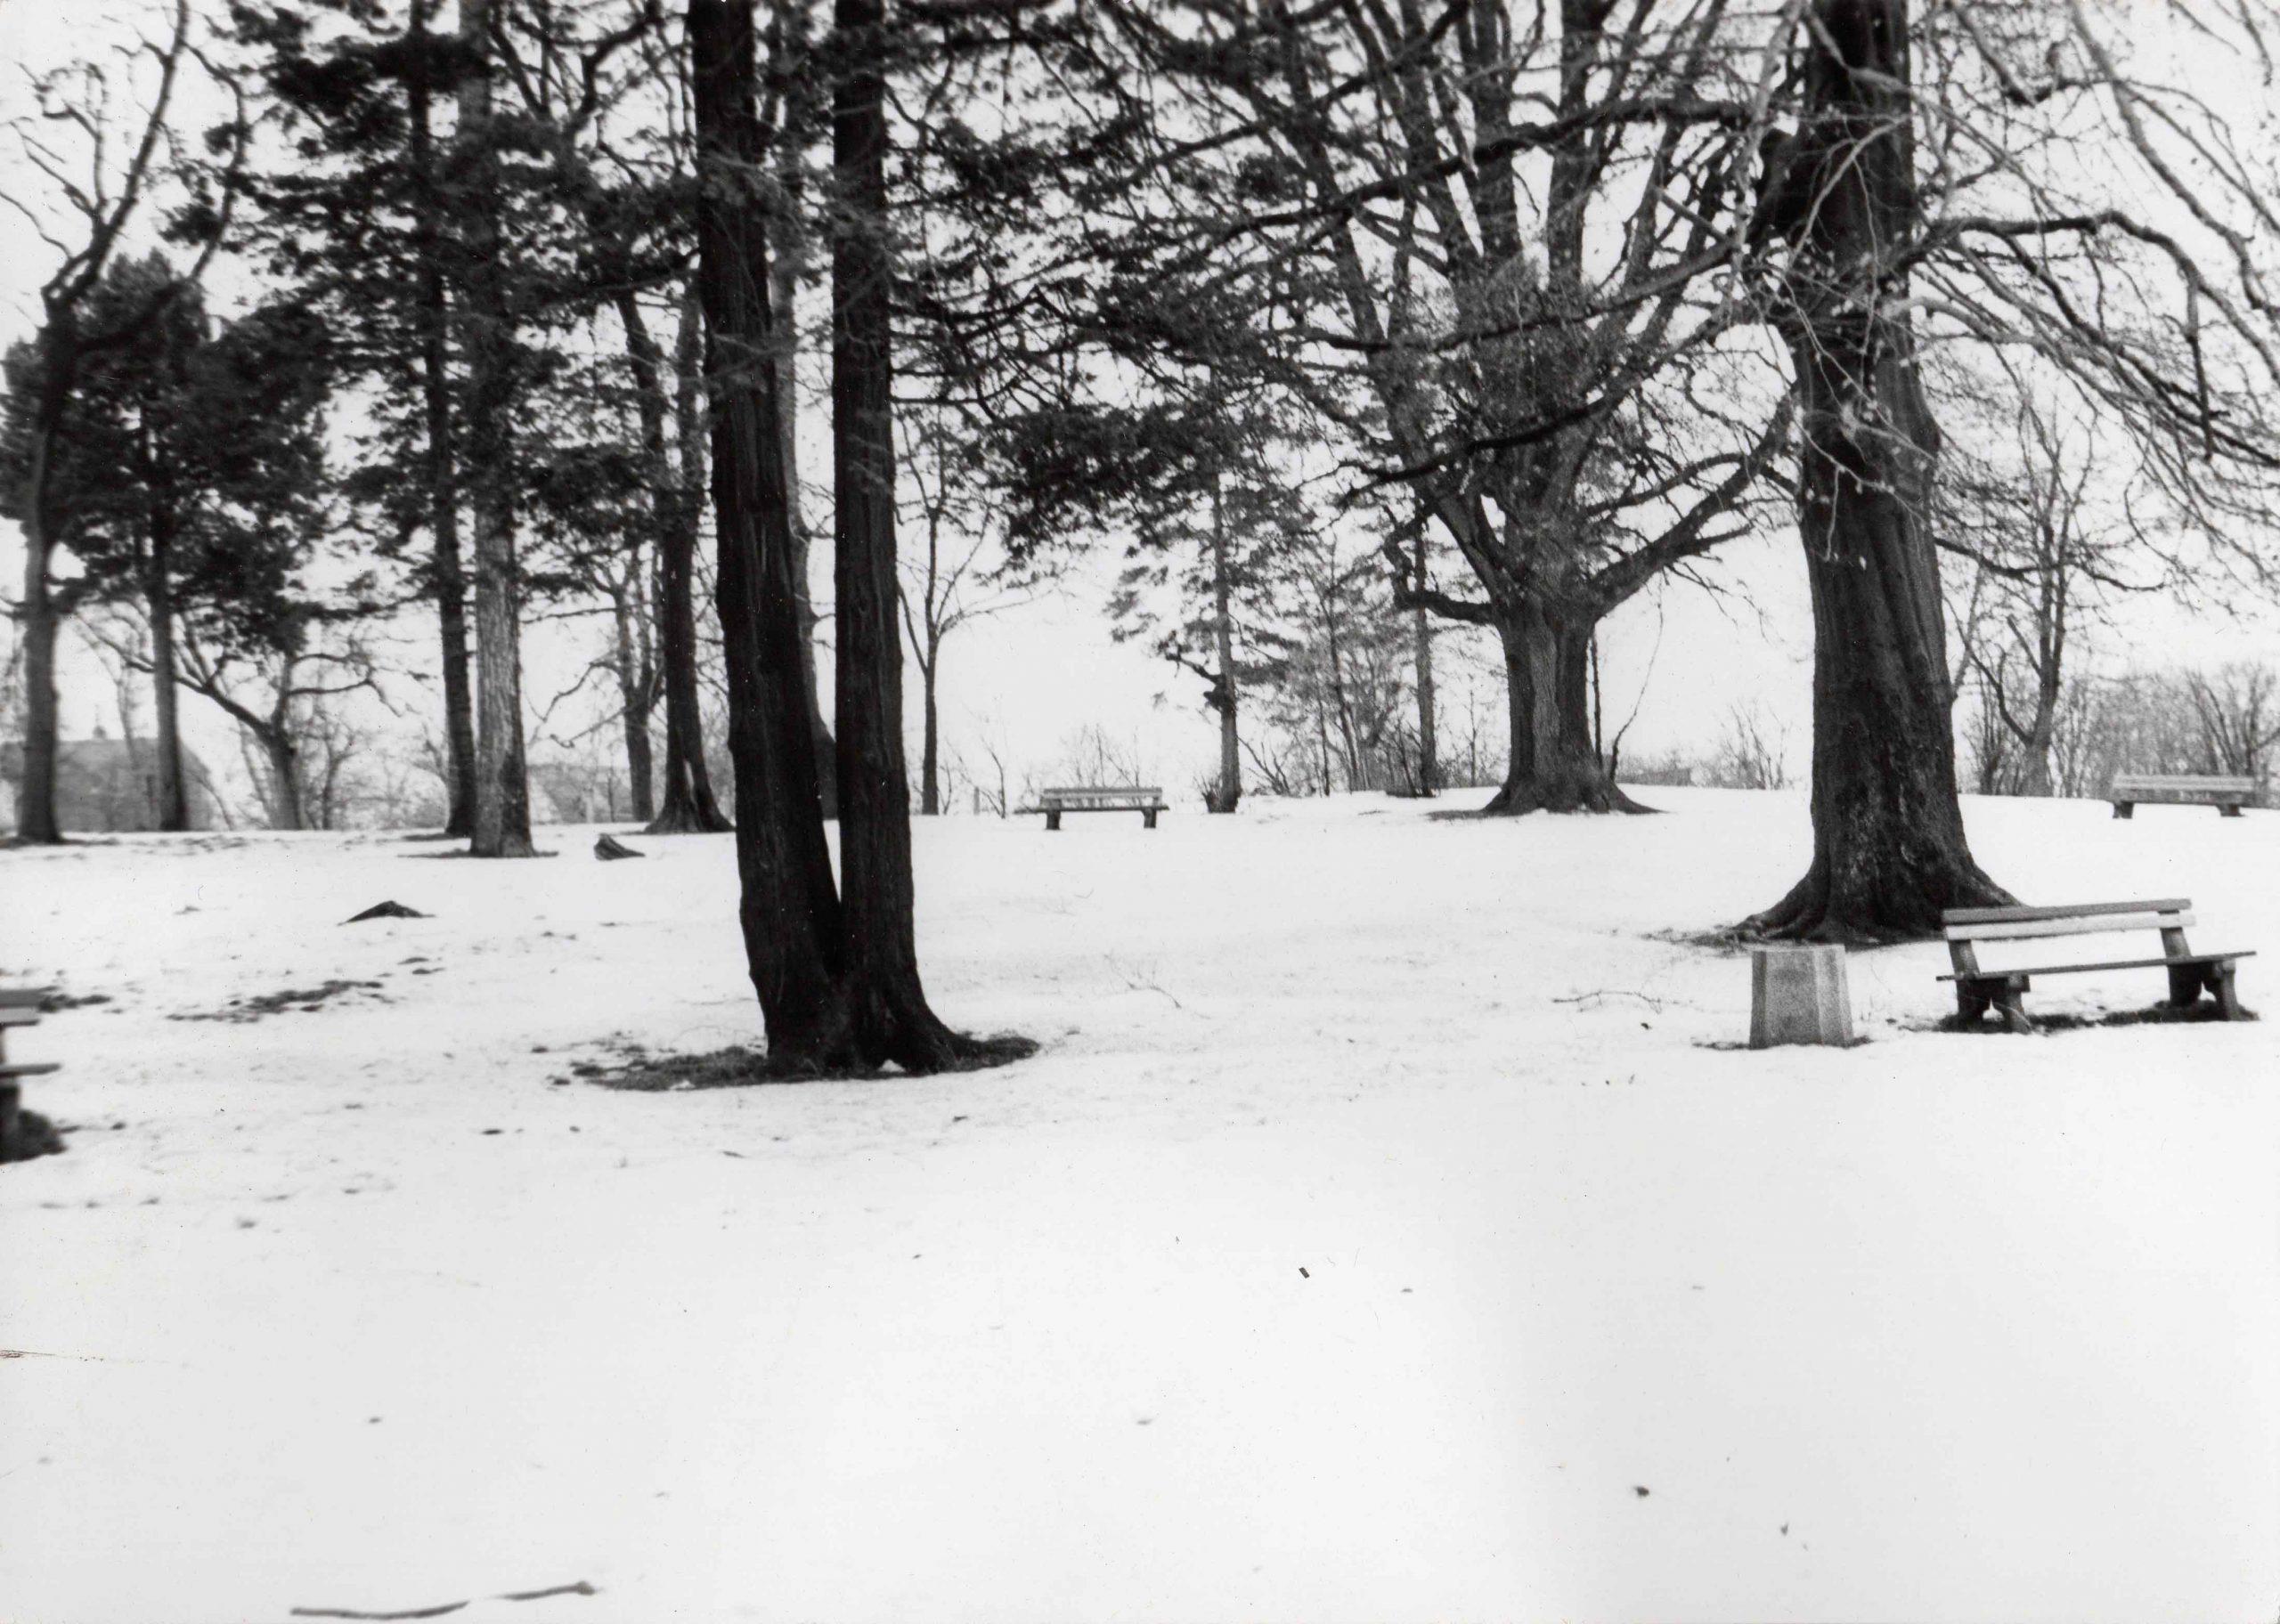 Ewidencja żarowskiego założenia ogrodowo-parkowego 1987 (6)